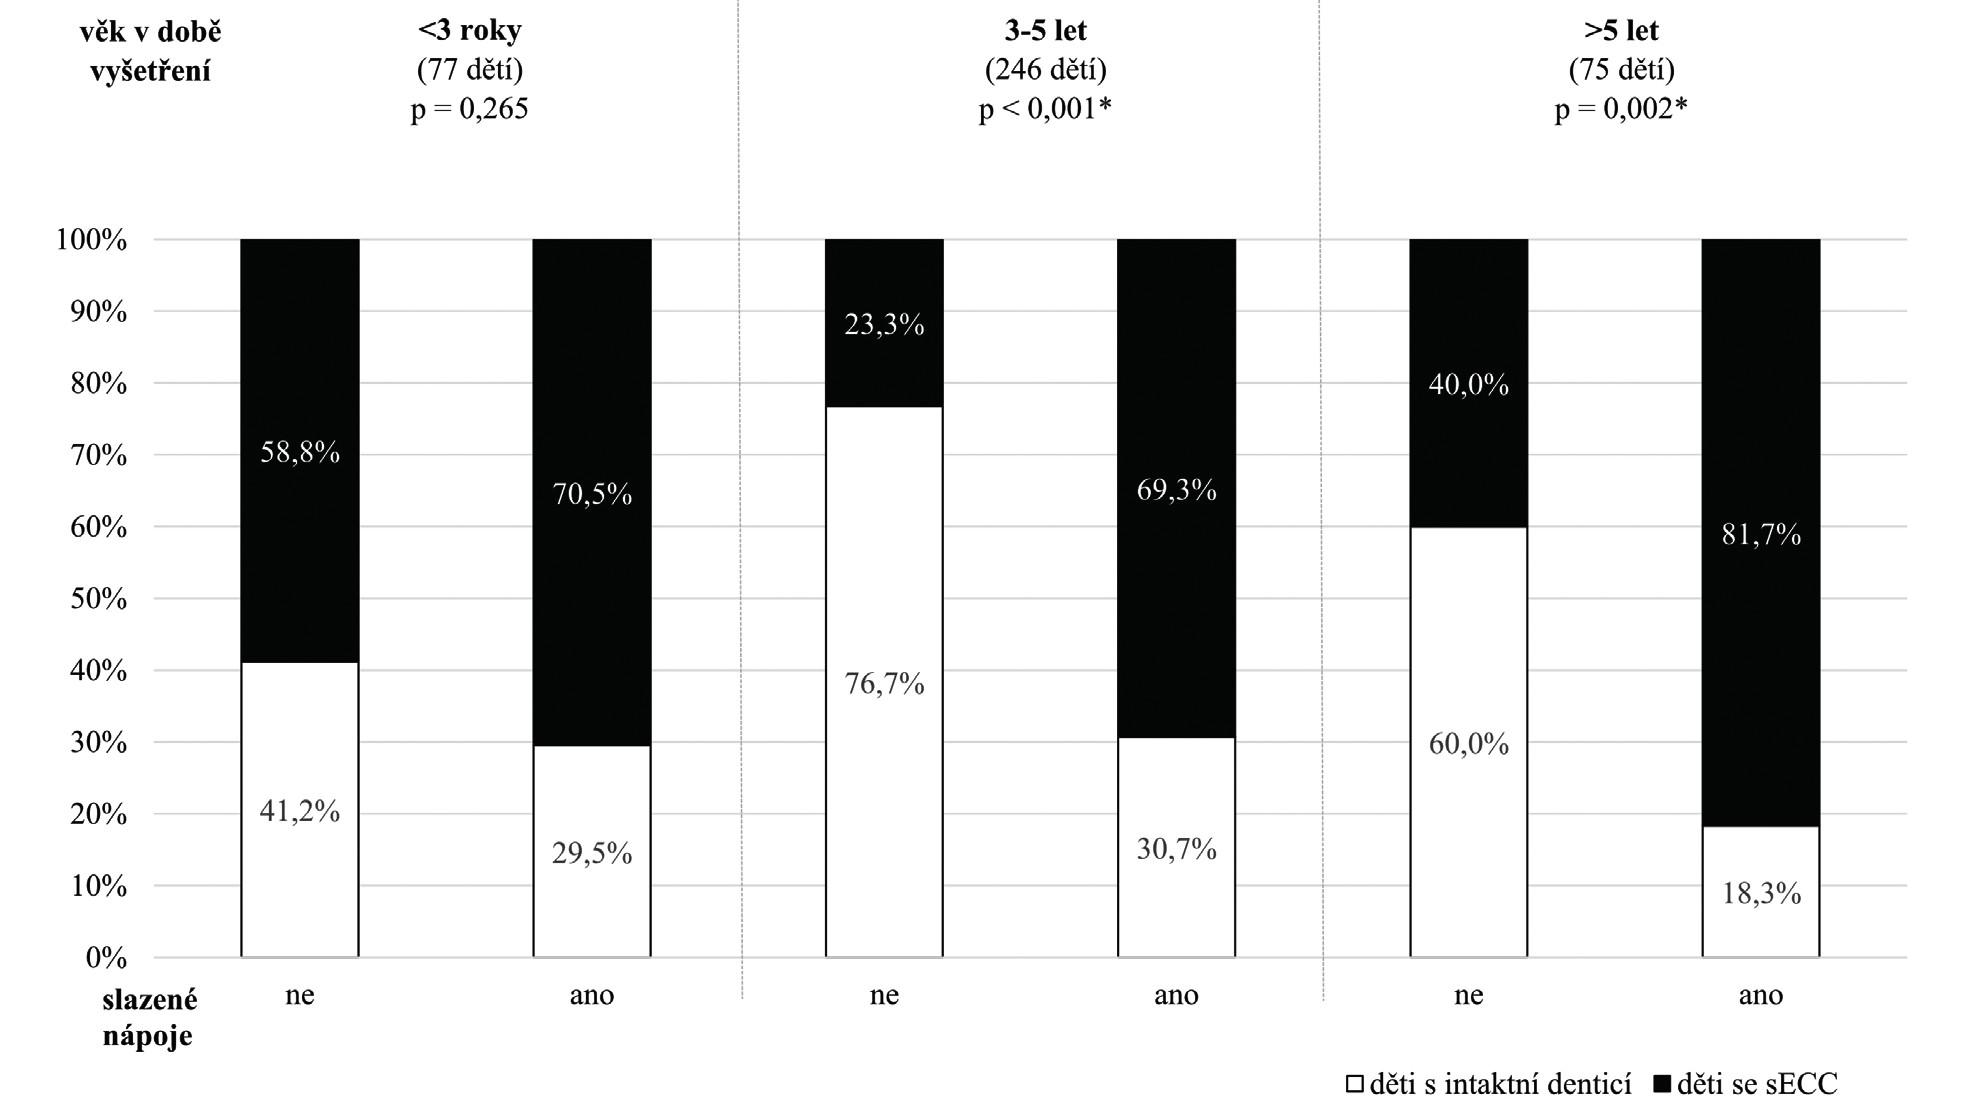 Význam slazených nápojů na vznik sECC ve skupinách dětí podle věku v době vyšetření (hodnoceno Fisherovým exaktním testem)